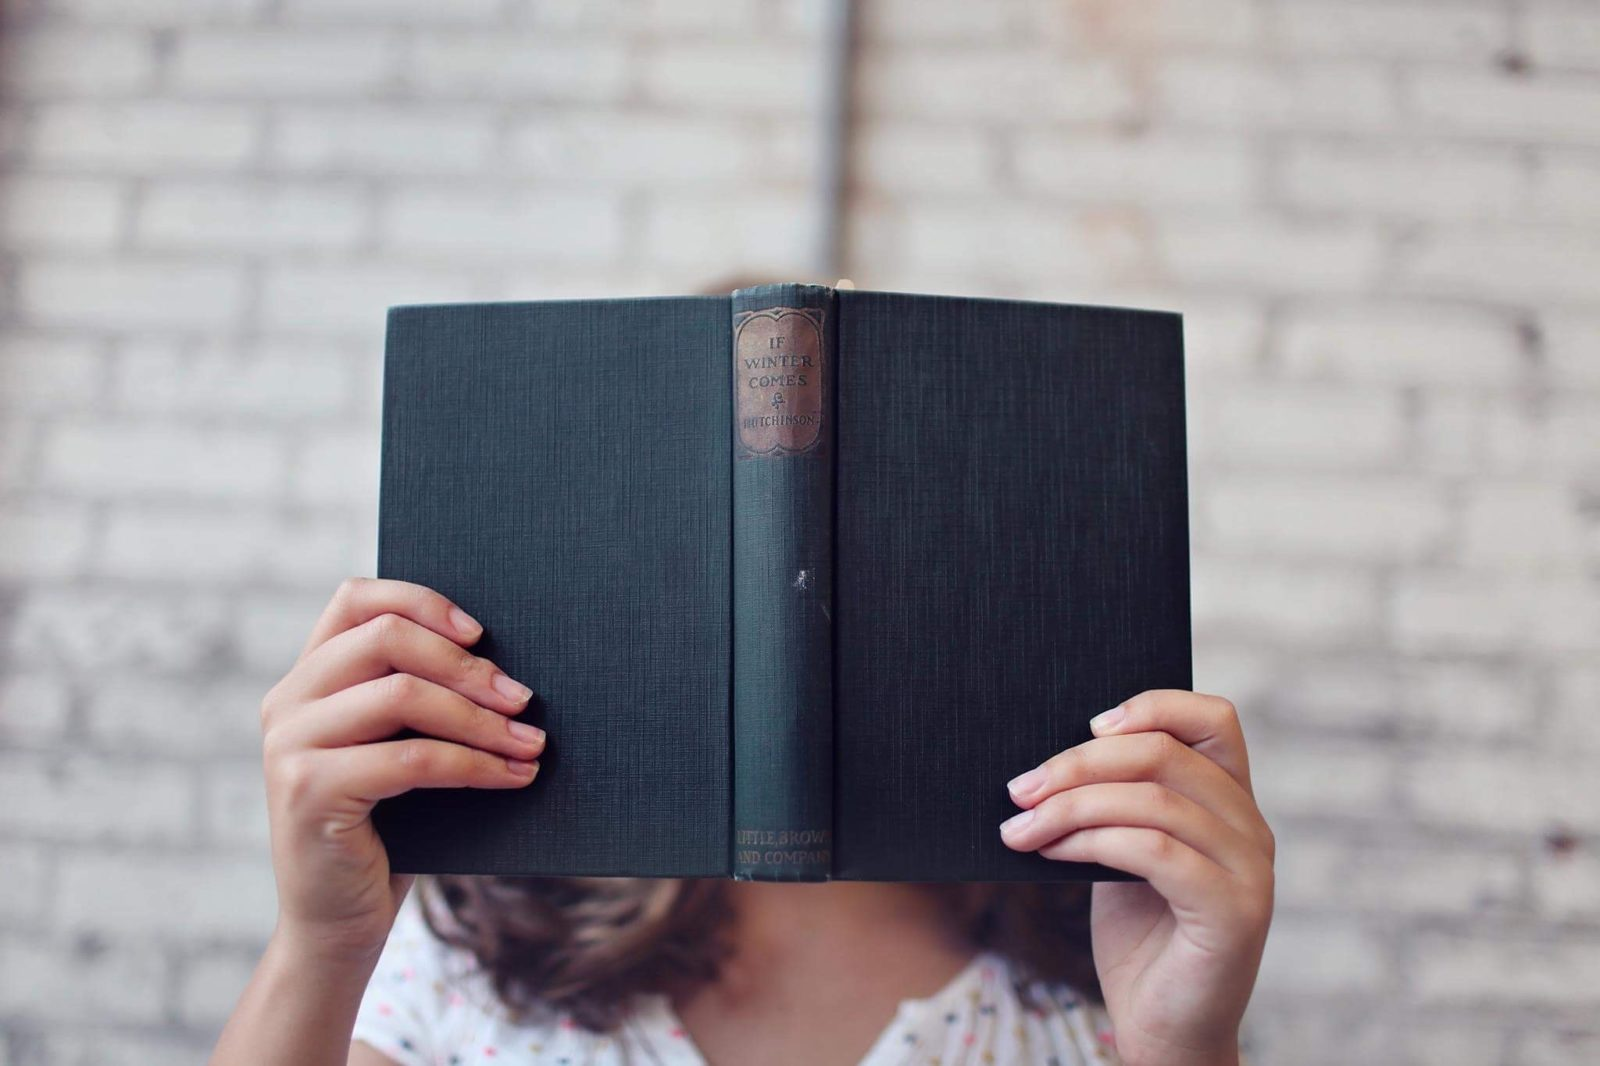 Daha İyi Bir Okuyucu Olmak İçin Öneriler Listem